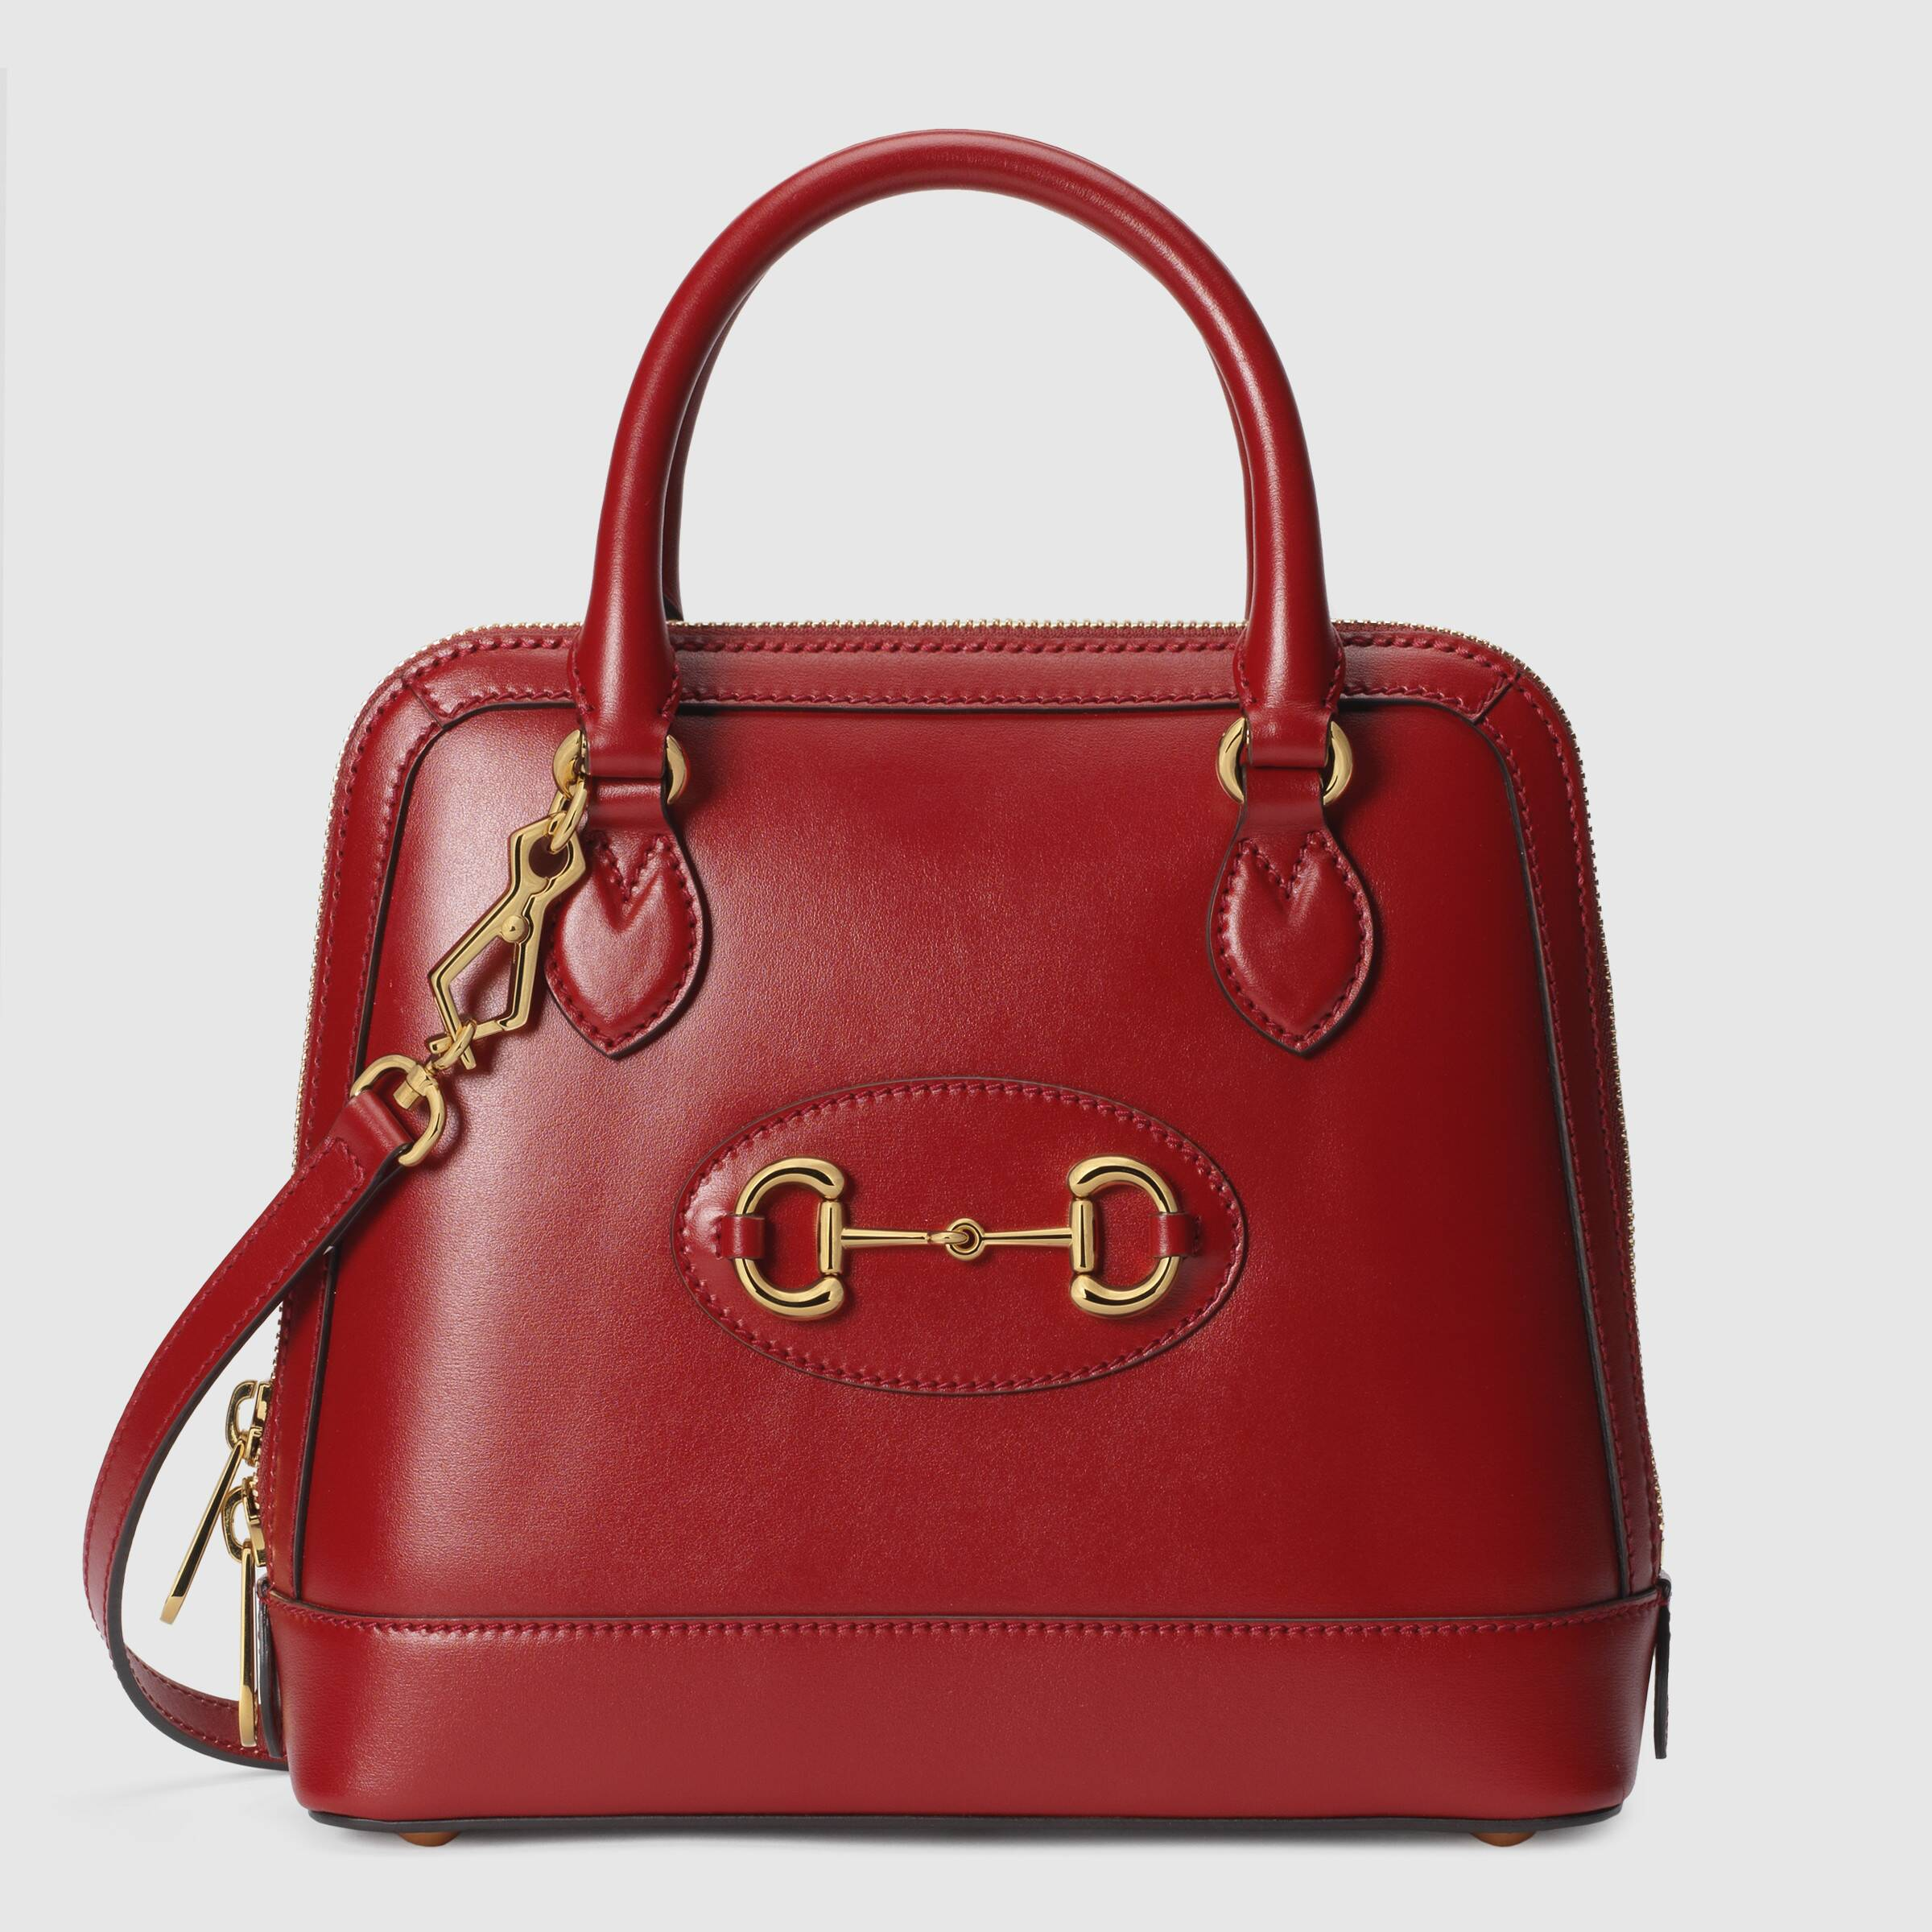 유럽직배송 구찌 토트백 GUCCI 1955 Horsebit small top handle bag 6212200YK0G6638